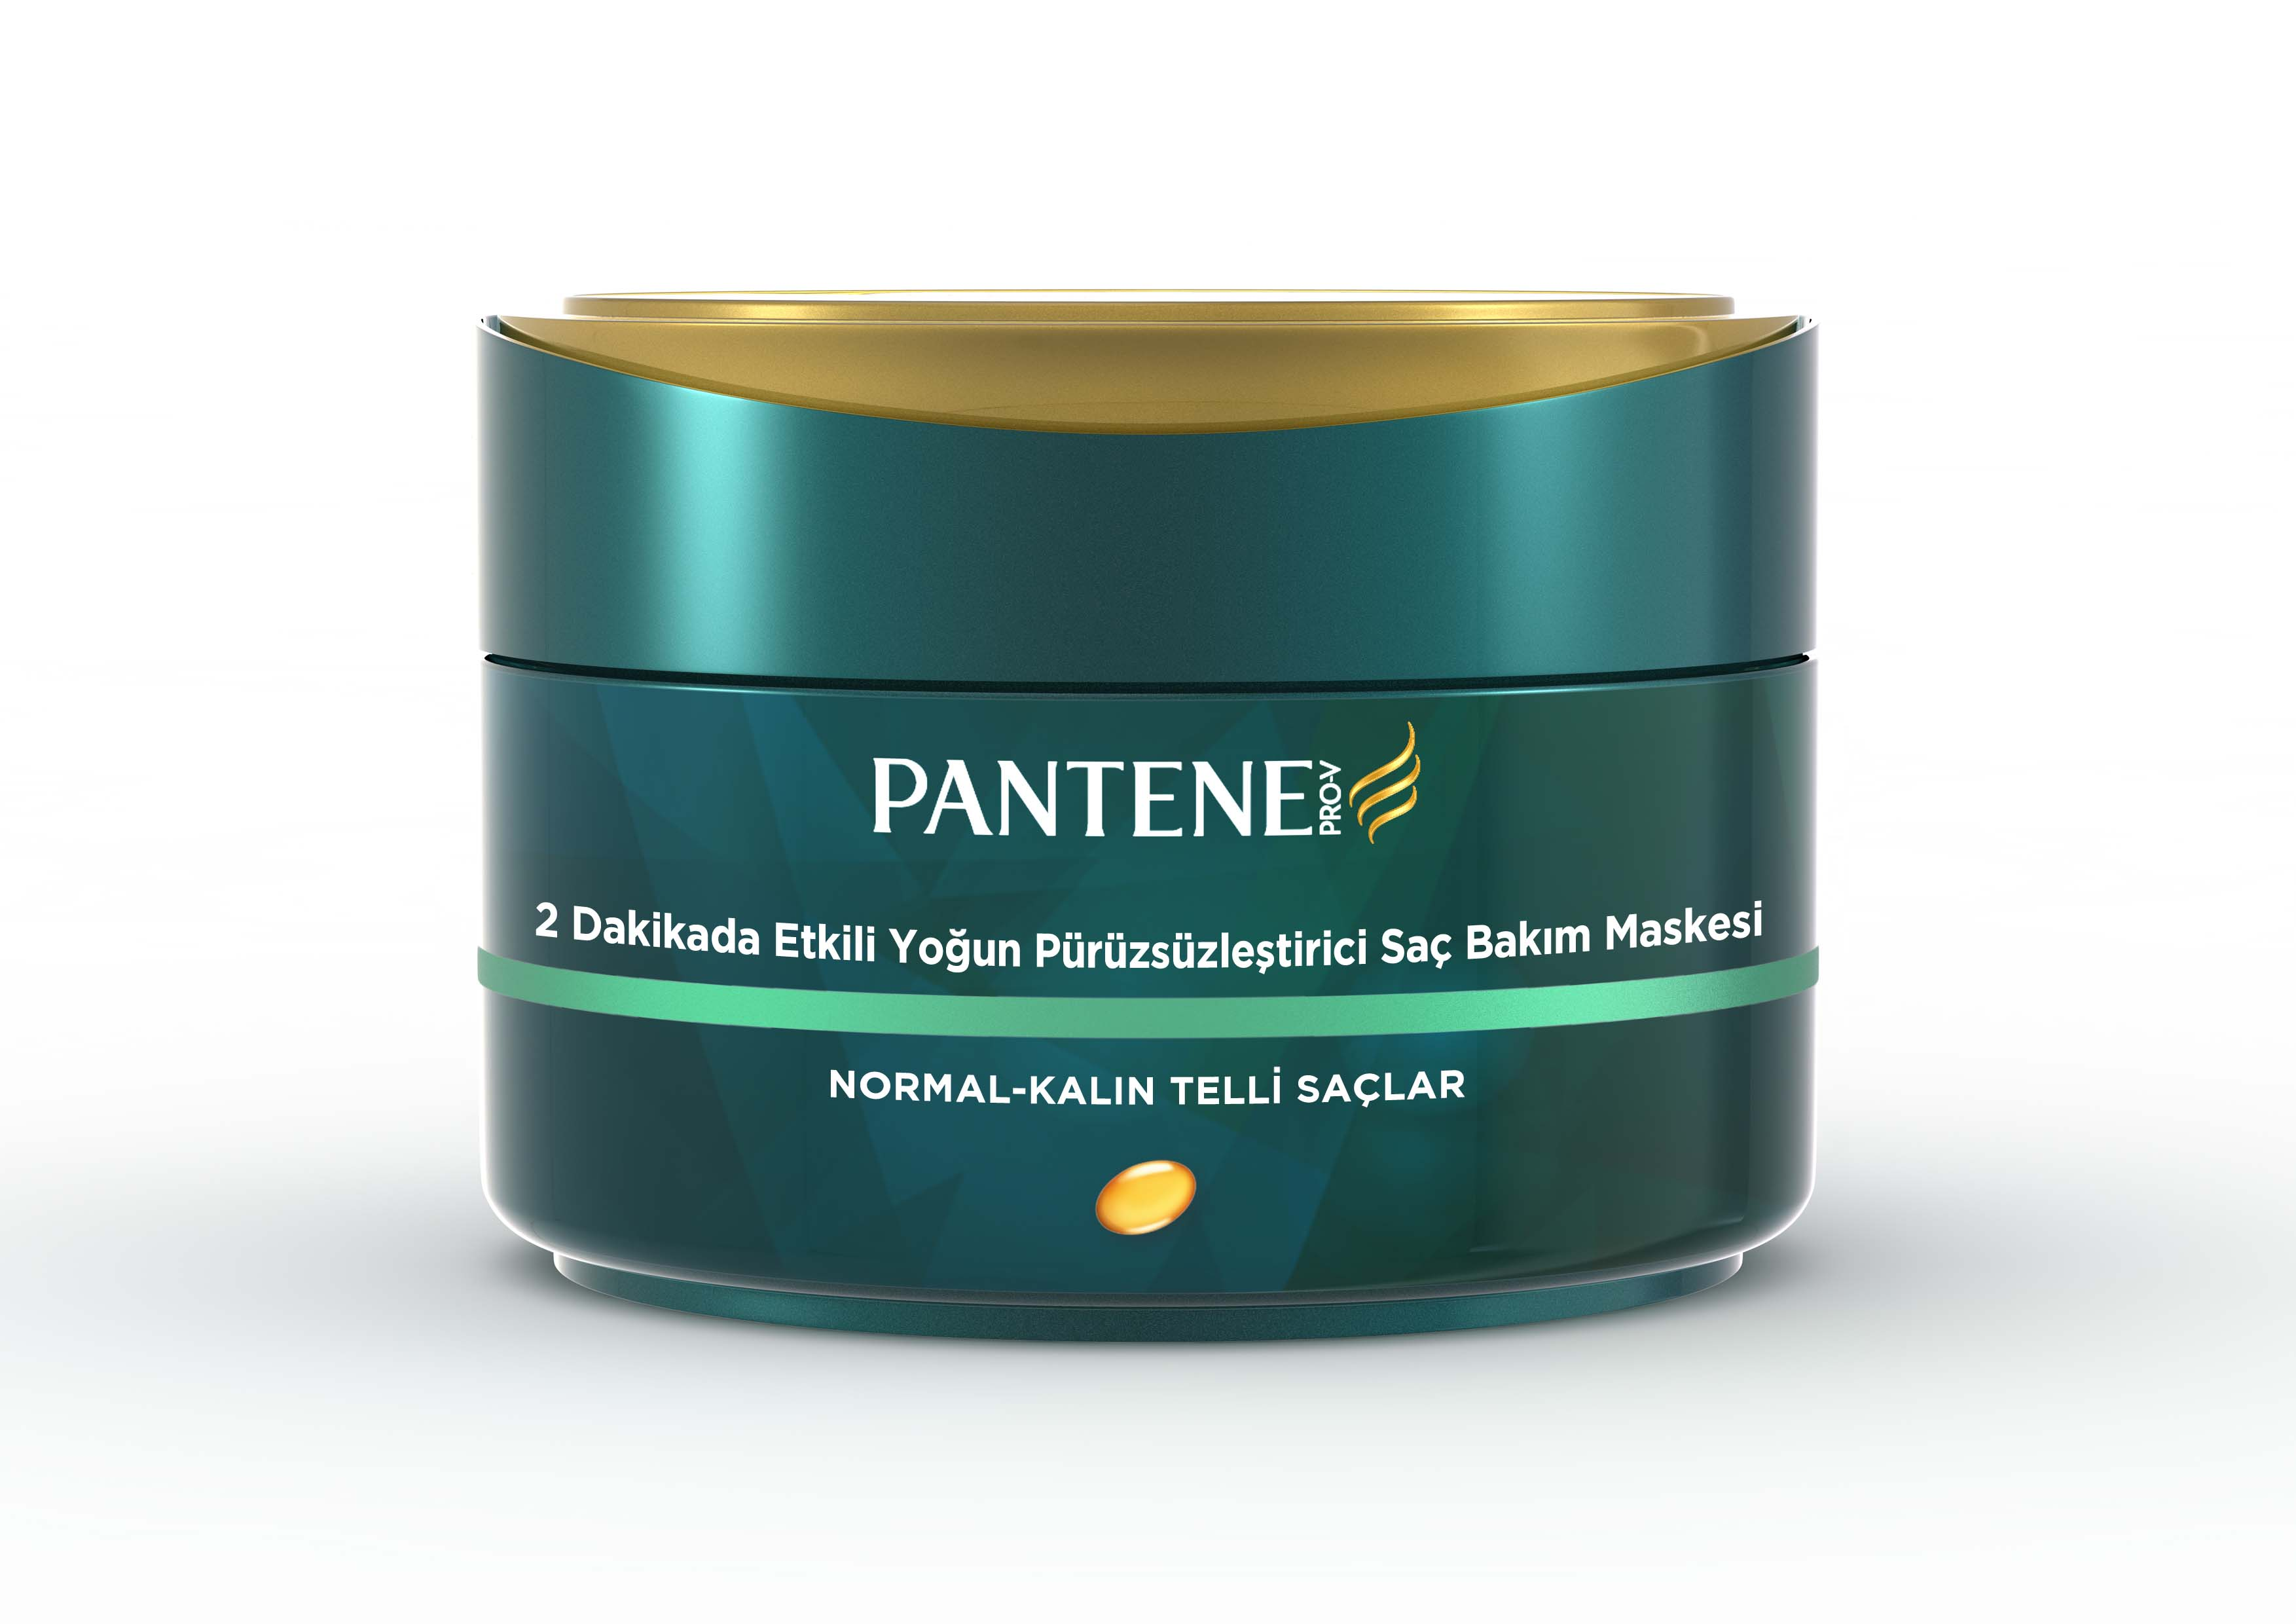 Yeni Pantene'in İleri Teknoloji Bakım Ürünleriyle Sağlıklı Saçlar